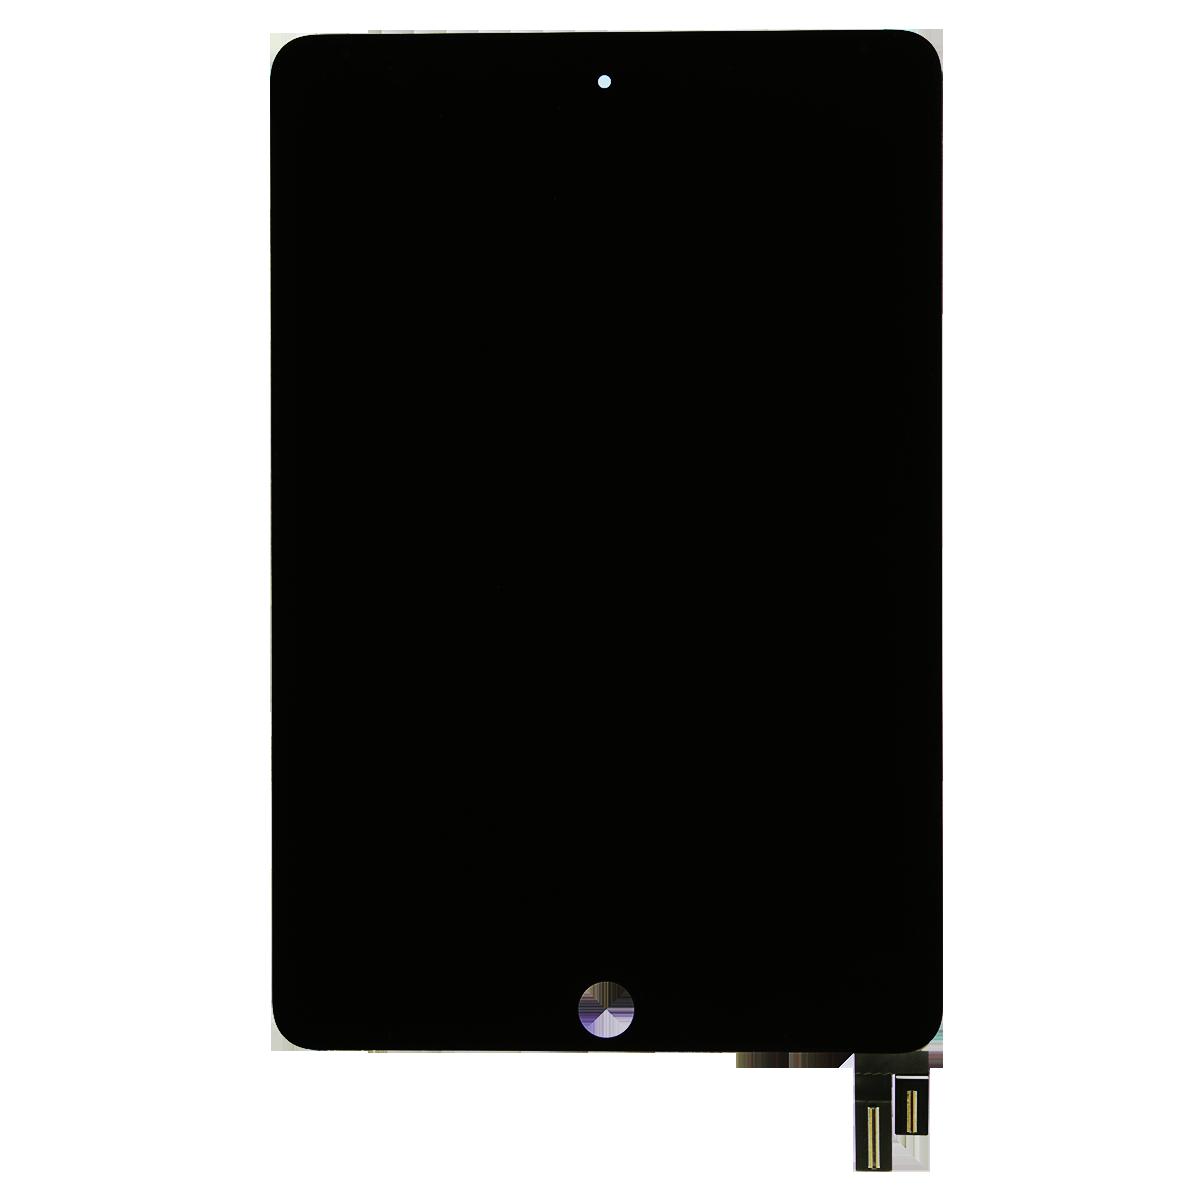 אייפד מיני דור 4 מסך תצוגה - שחור